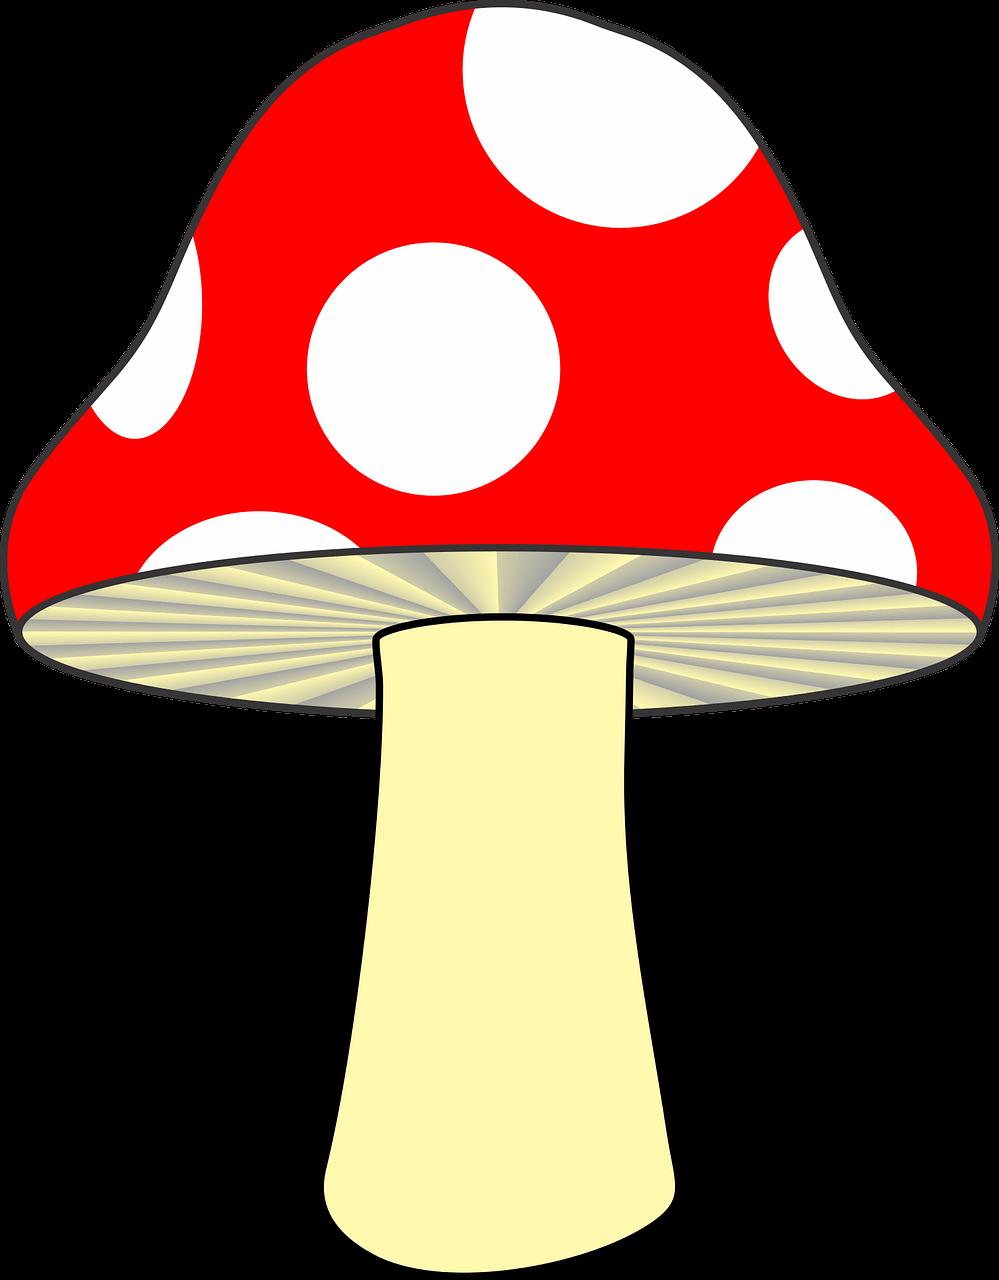 Картинка рисованная гриб